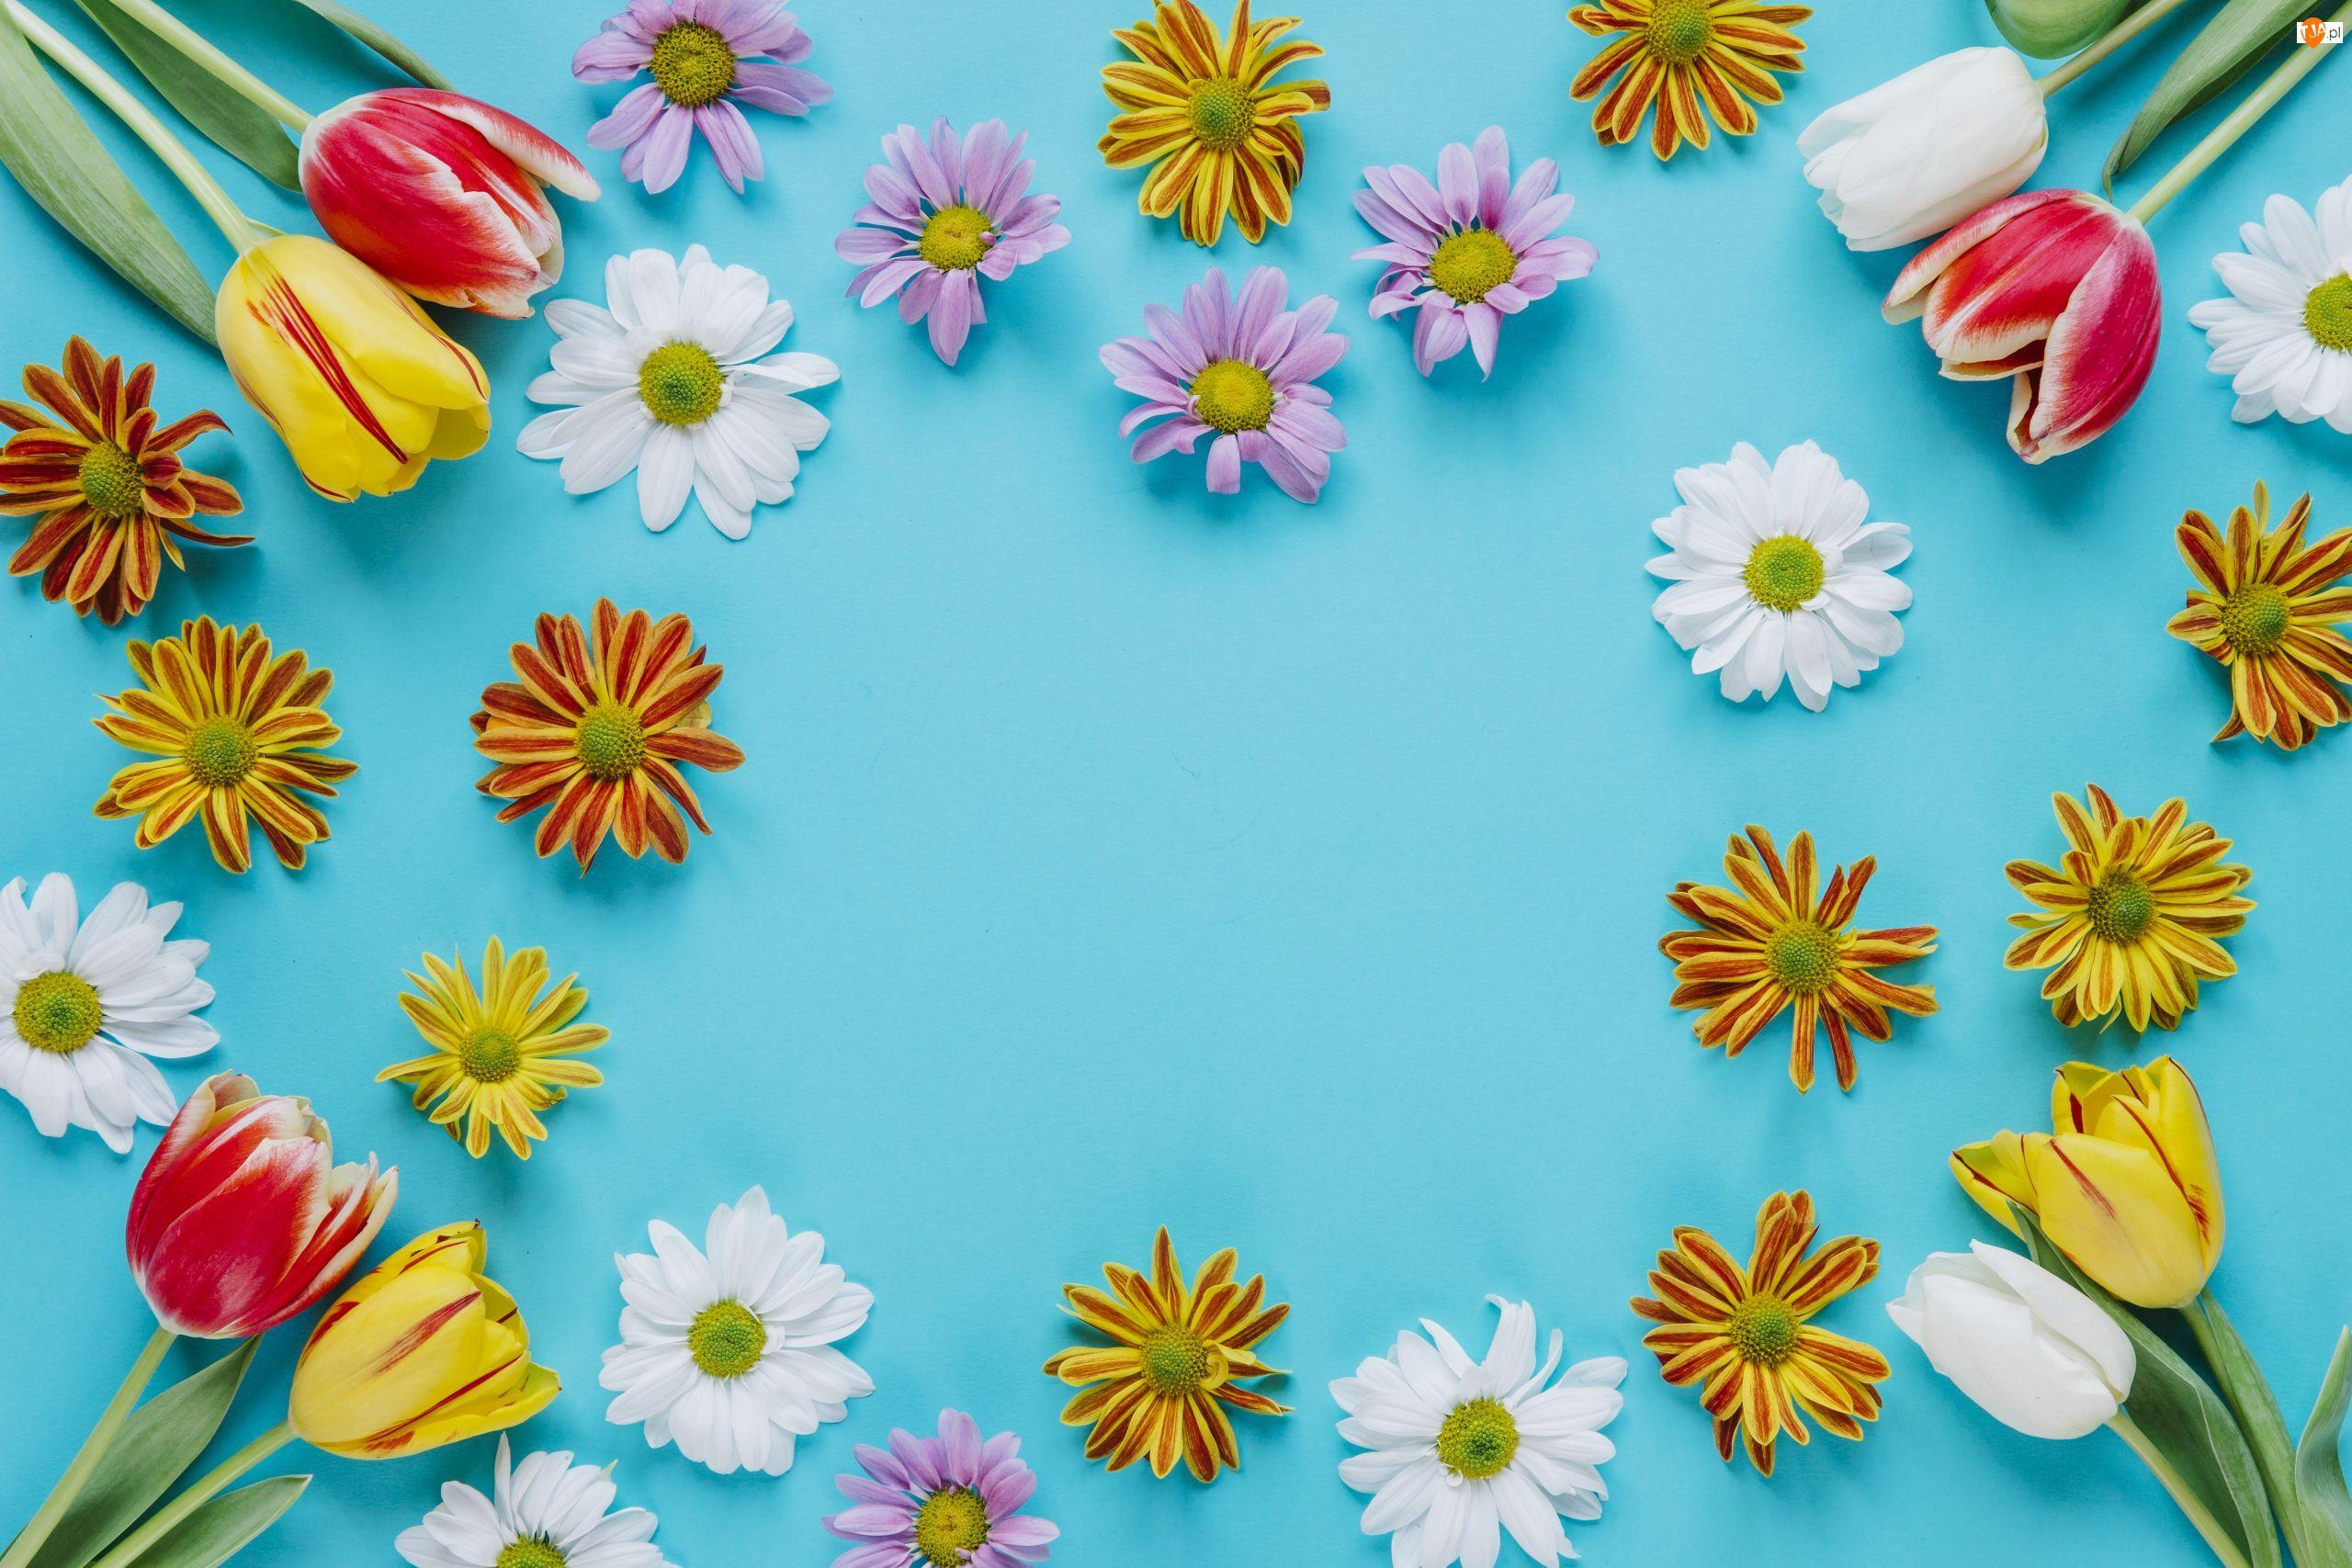 Kolorowe, Kwiaty, Chryzantemy, Tło, Tulipany, Niebieskie